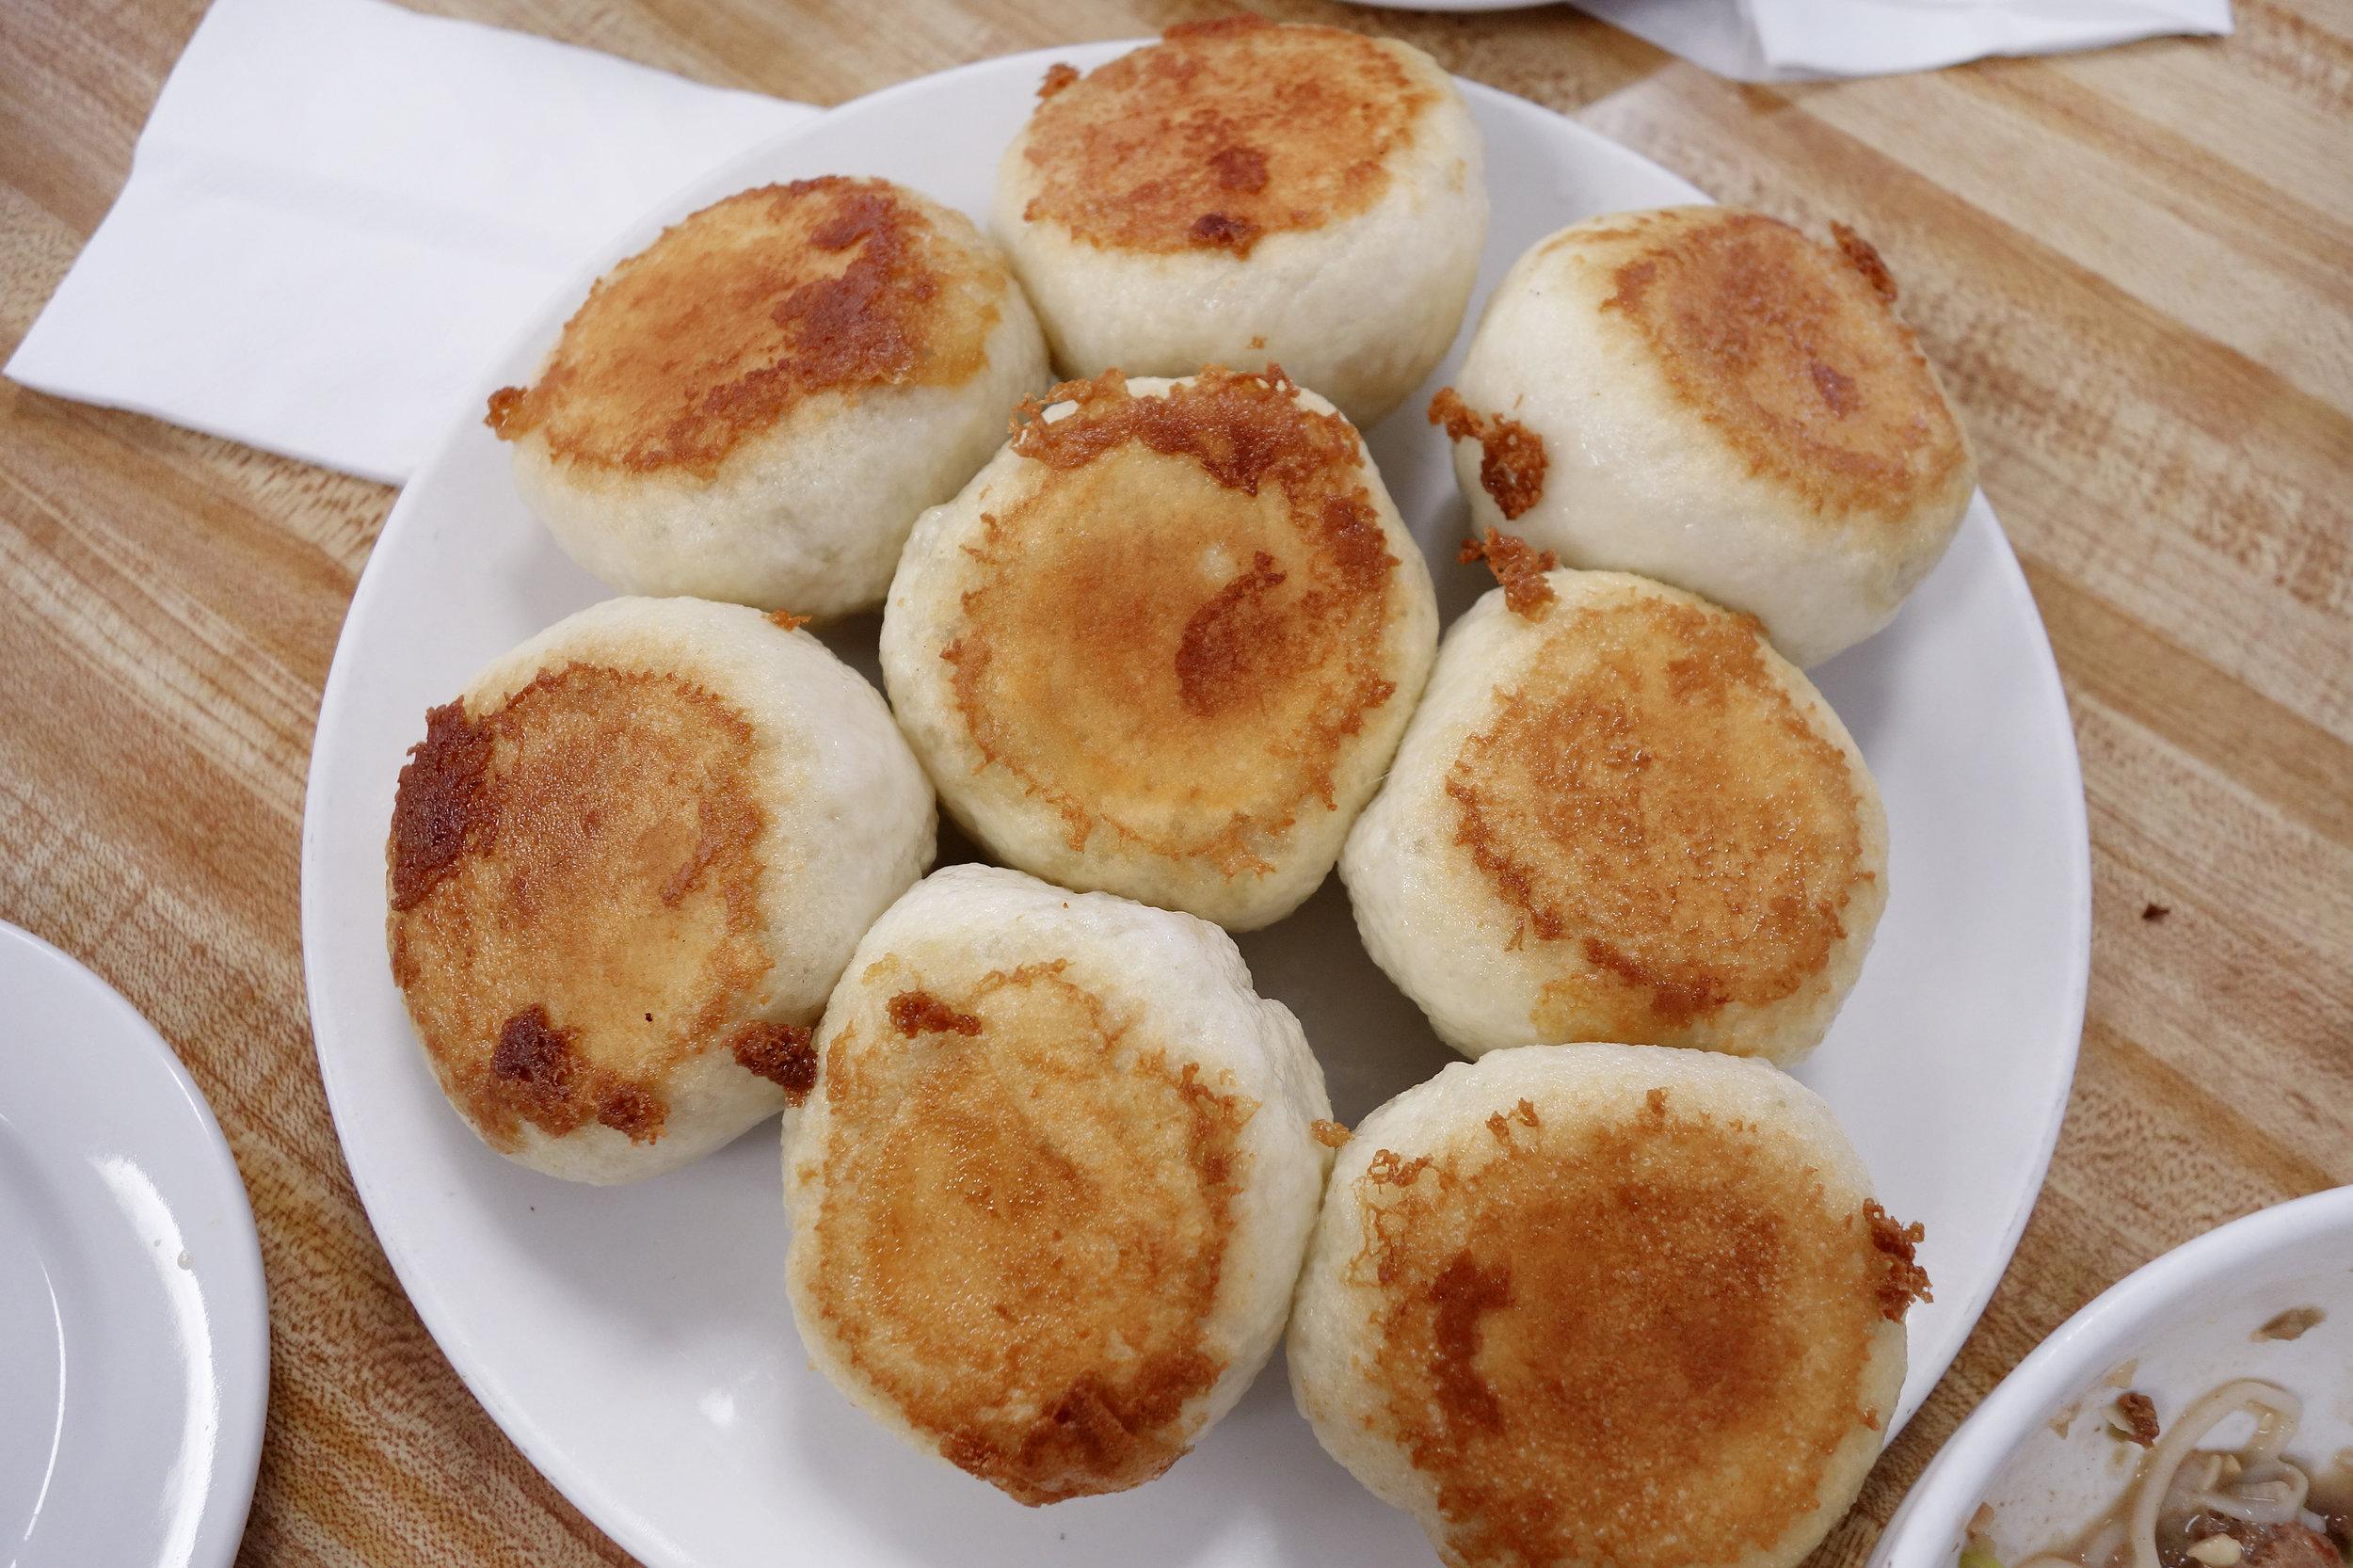 Pan Fried Buns